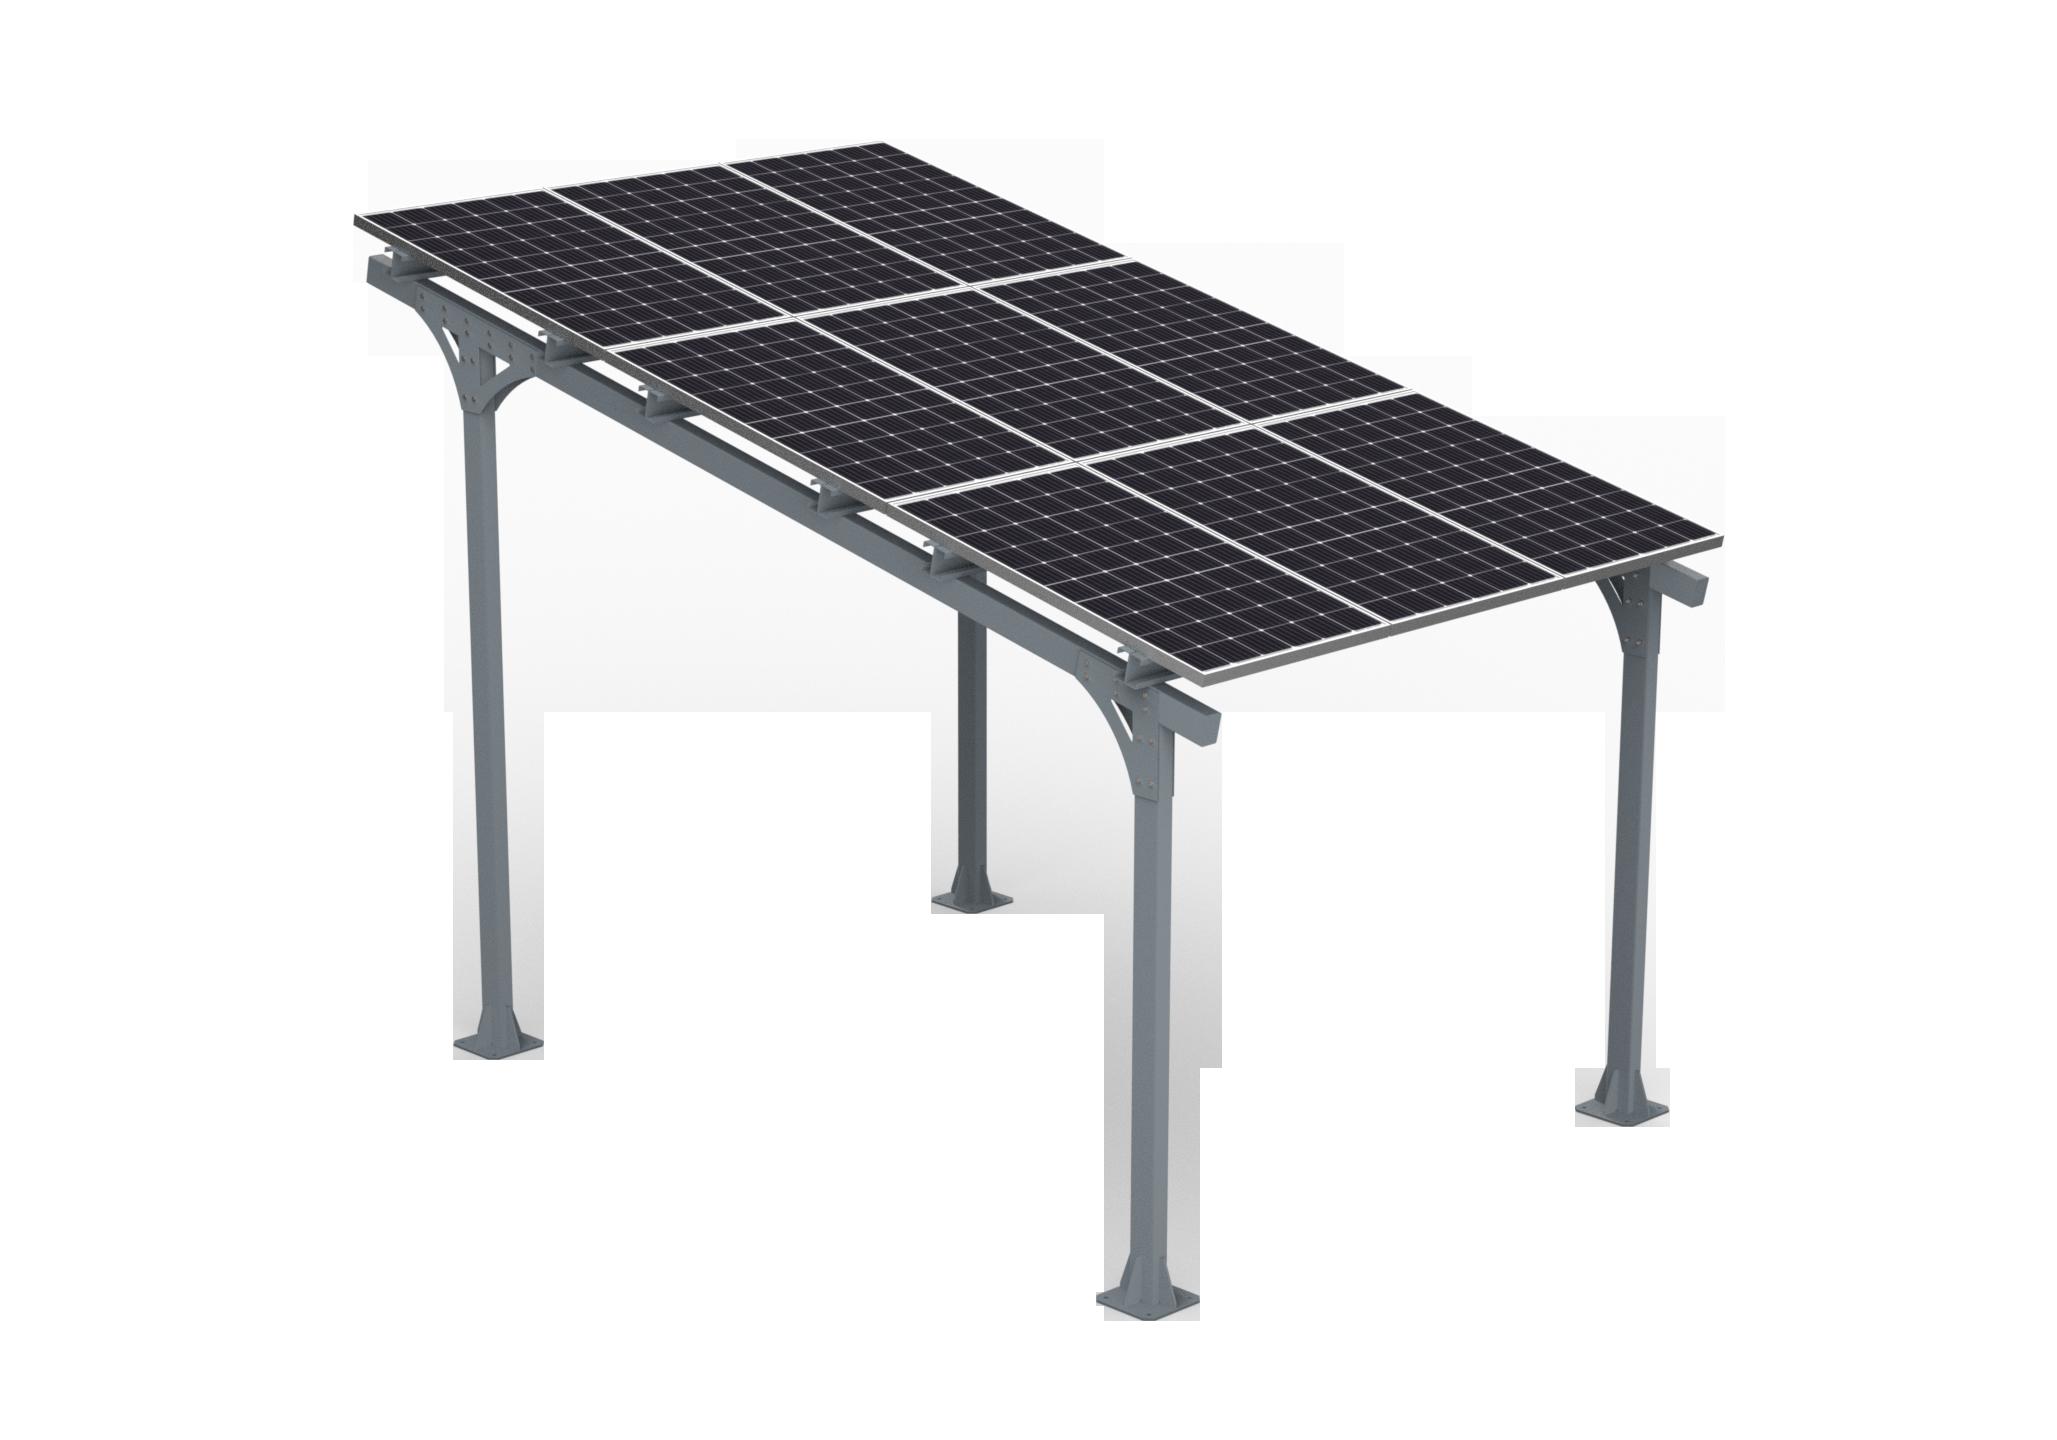 Solarny carport AE40